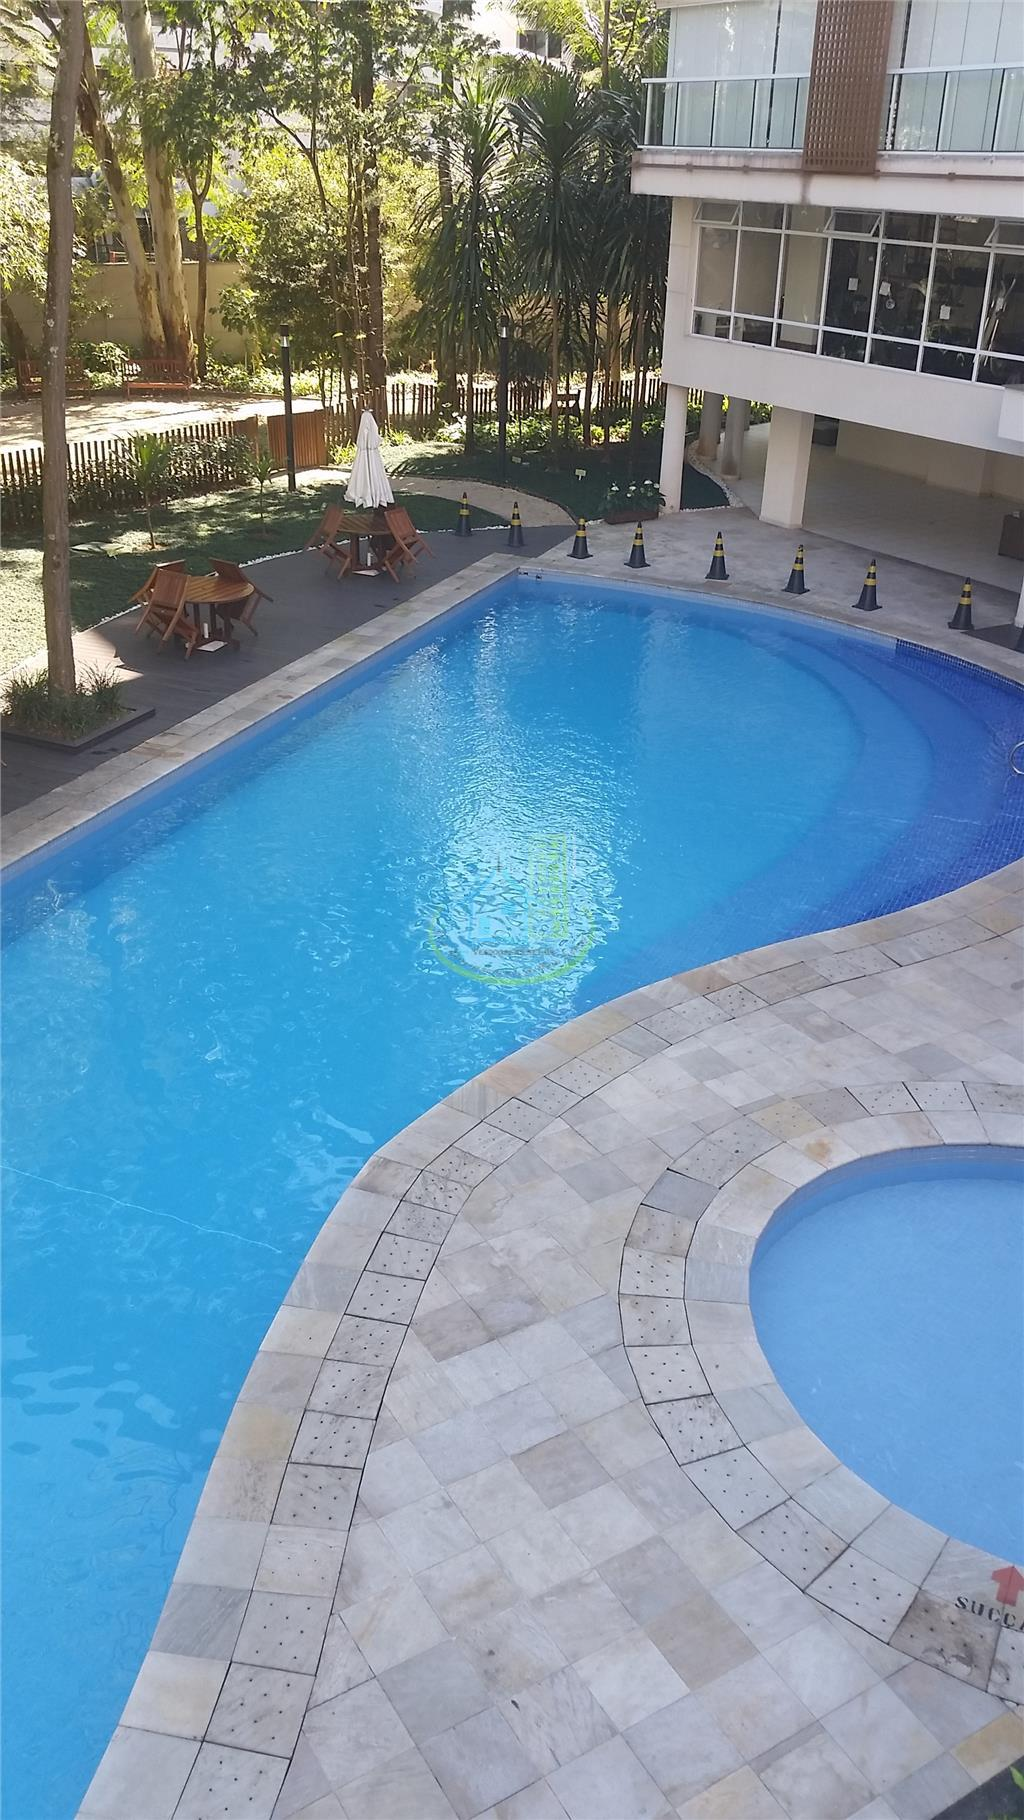 aquecimento central espaço gourmet garagem para visitas hidromassagem home cinema jardim piscina piscina aquecida piscina infantil...